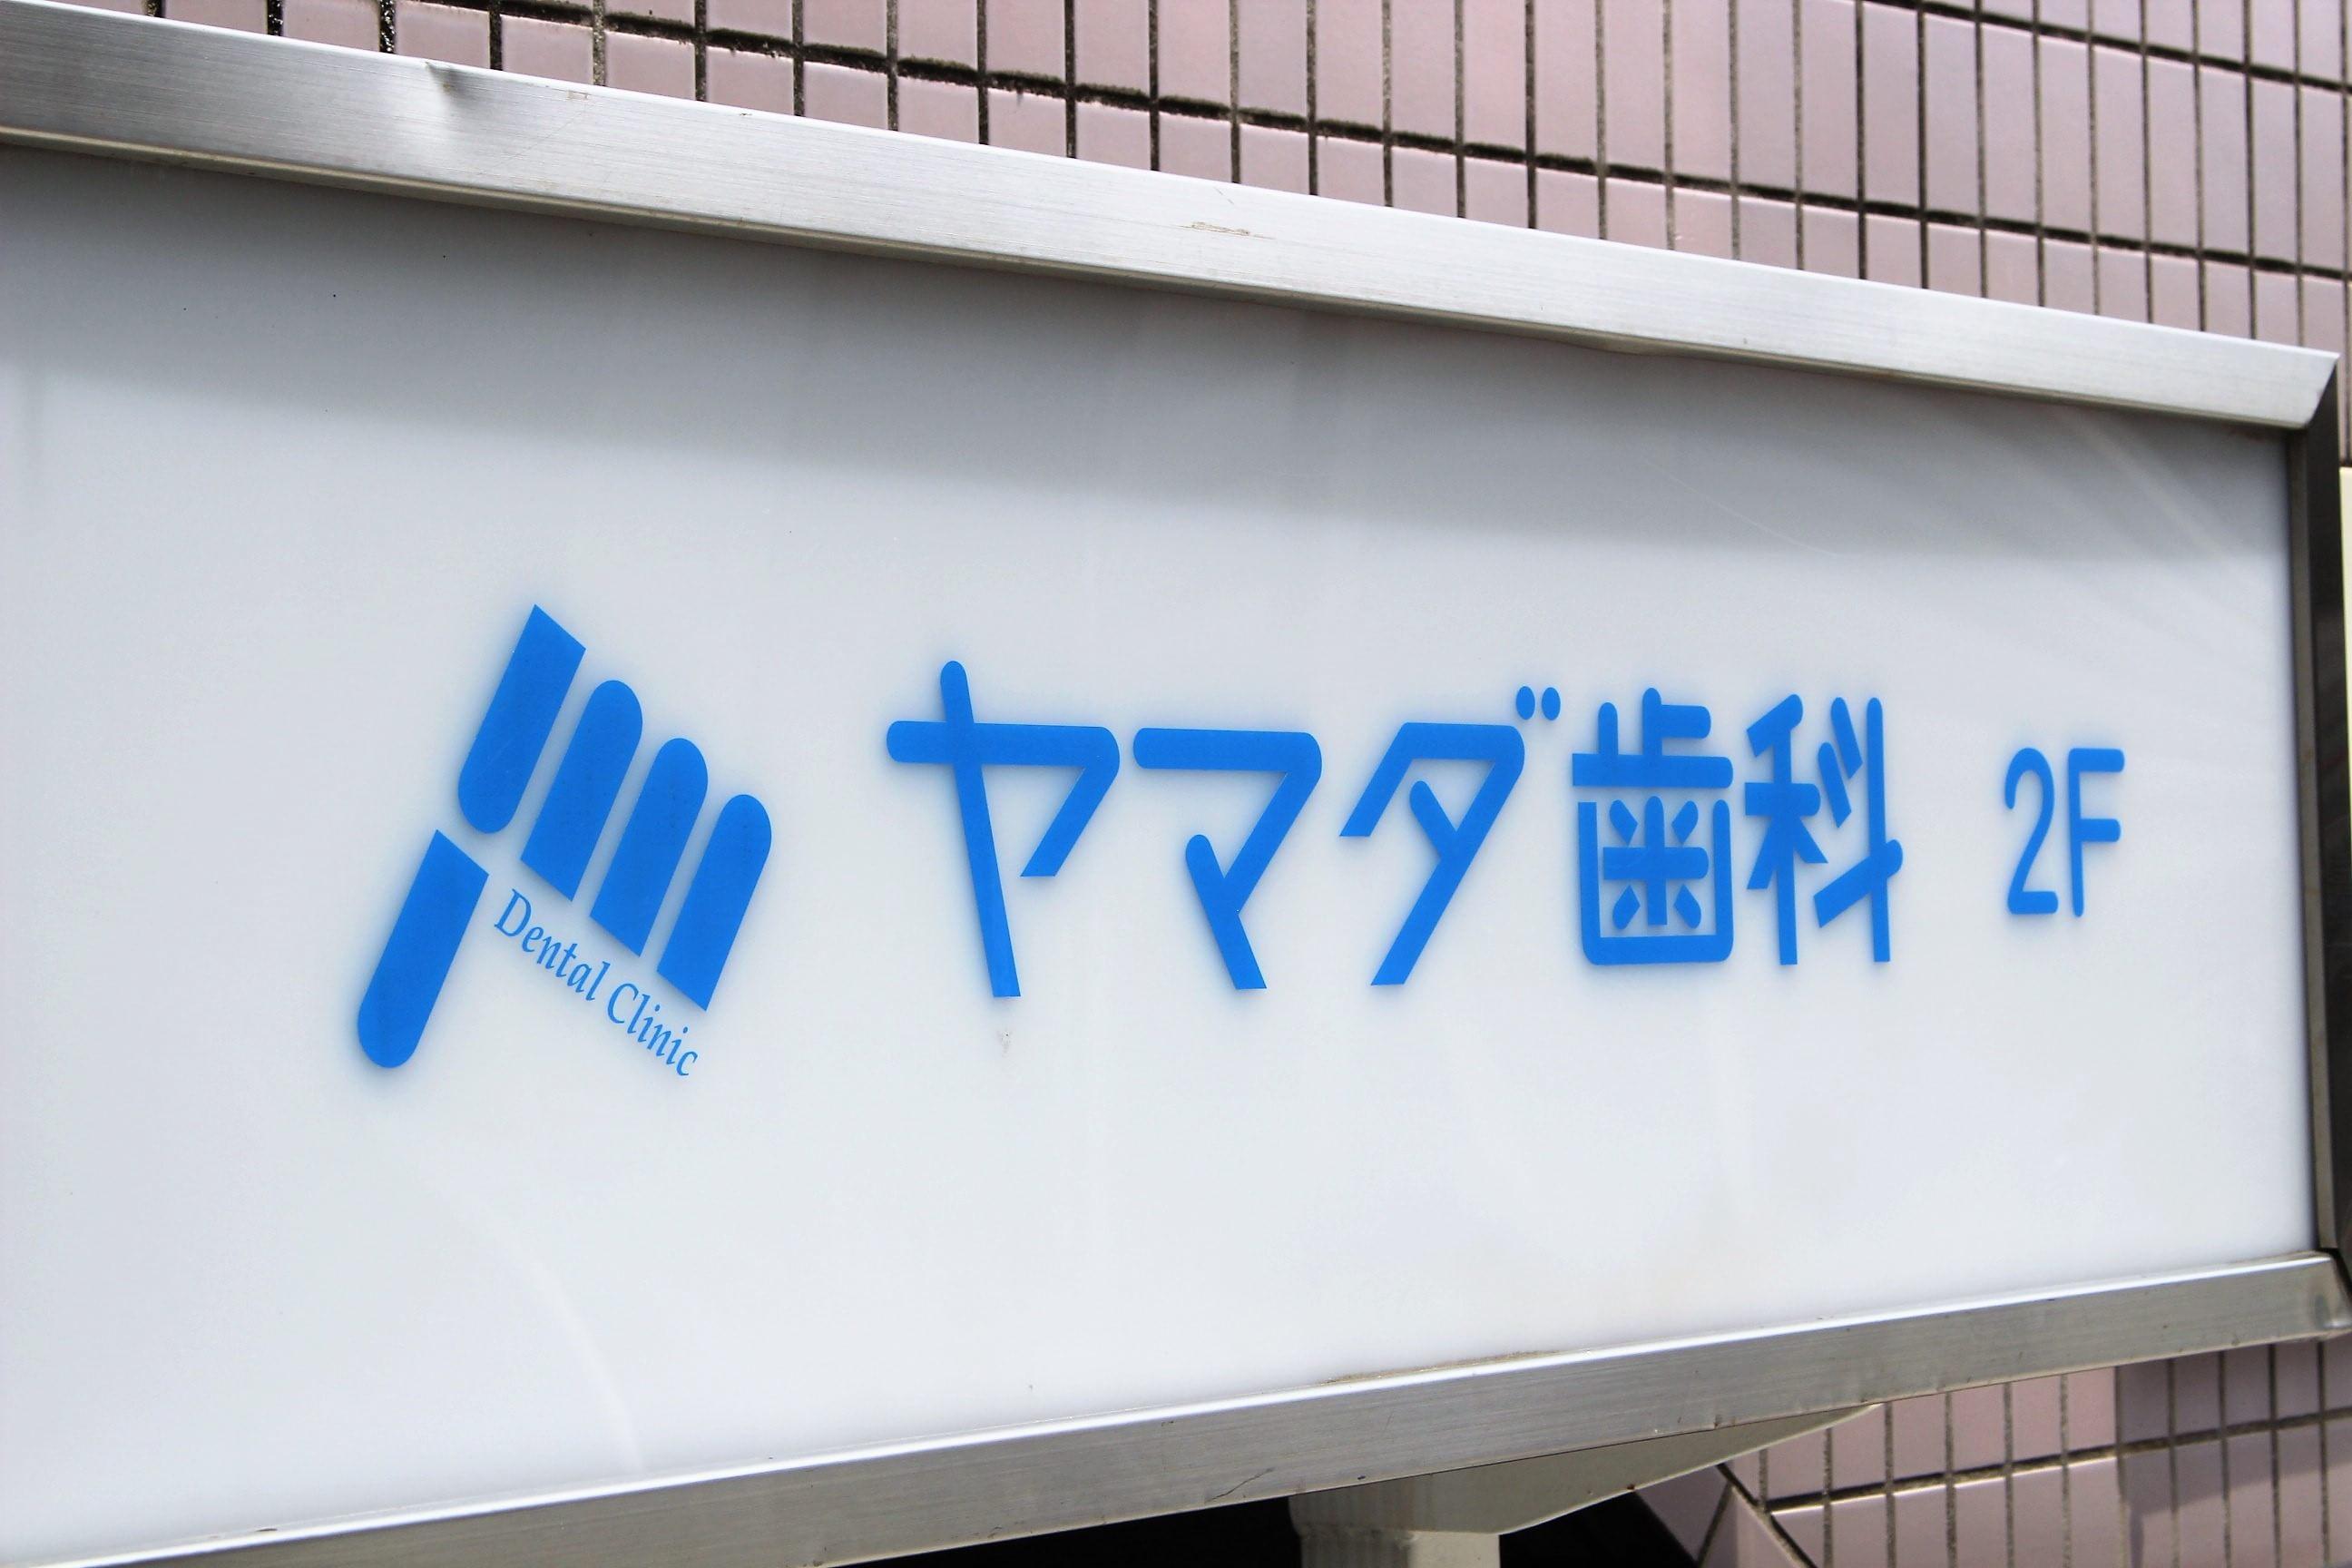 【静岡市:静岡駅 徒歩5分】 ヤマダ歯科の外観写真7